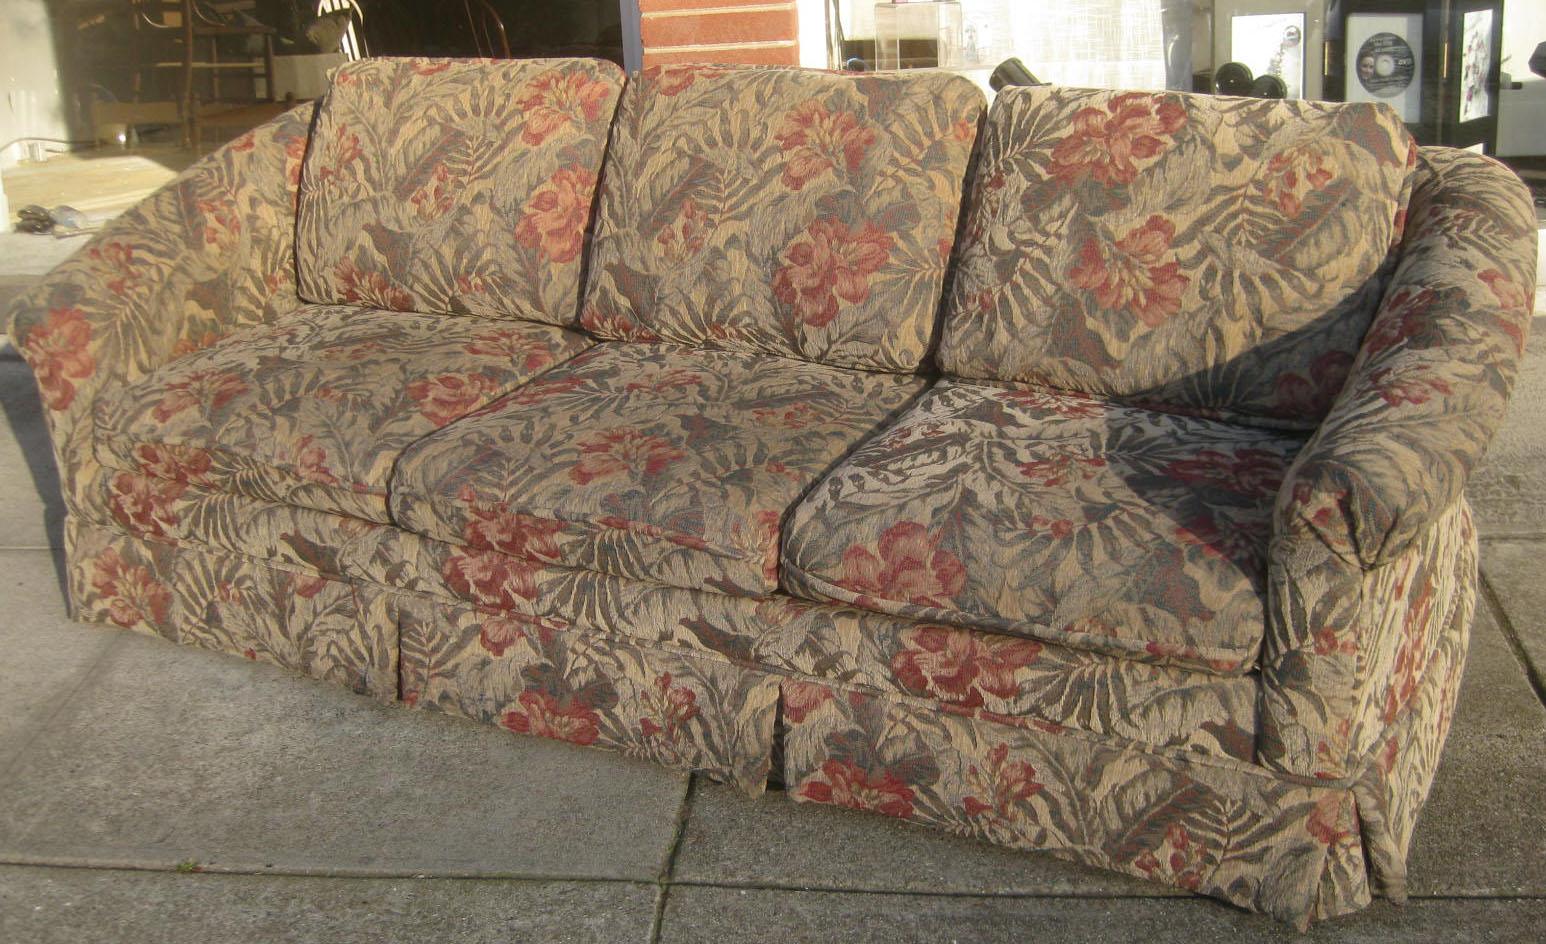 beach print sleeper sofas sofa for love cute 14 photos floral billion estates